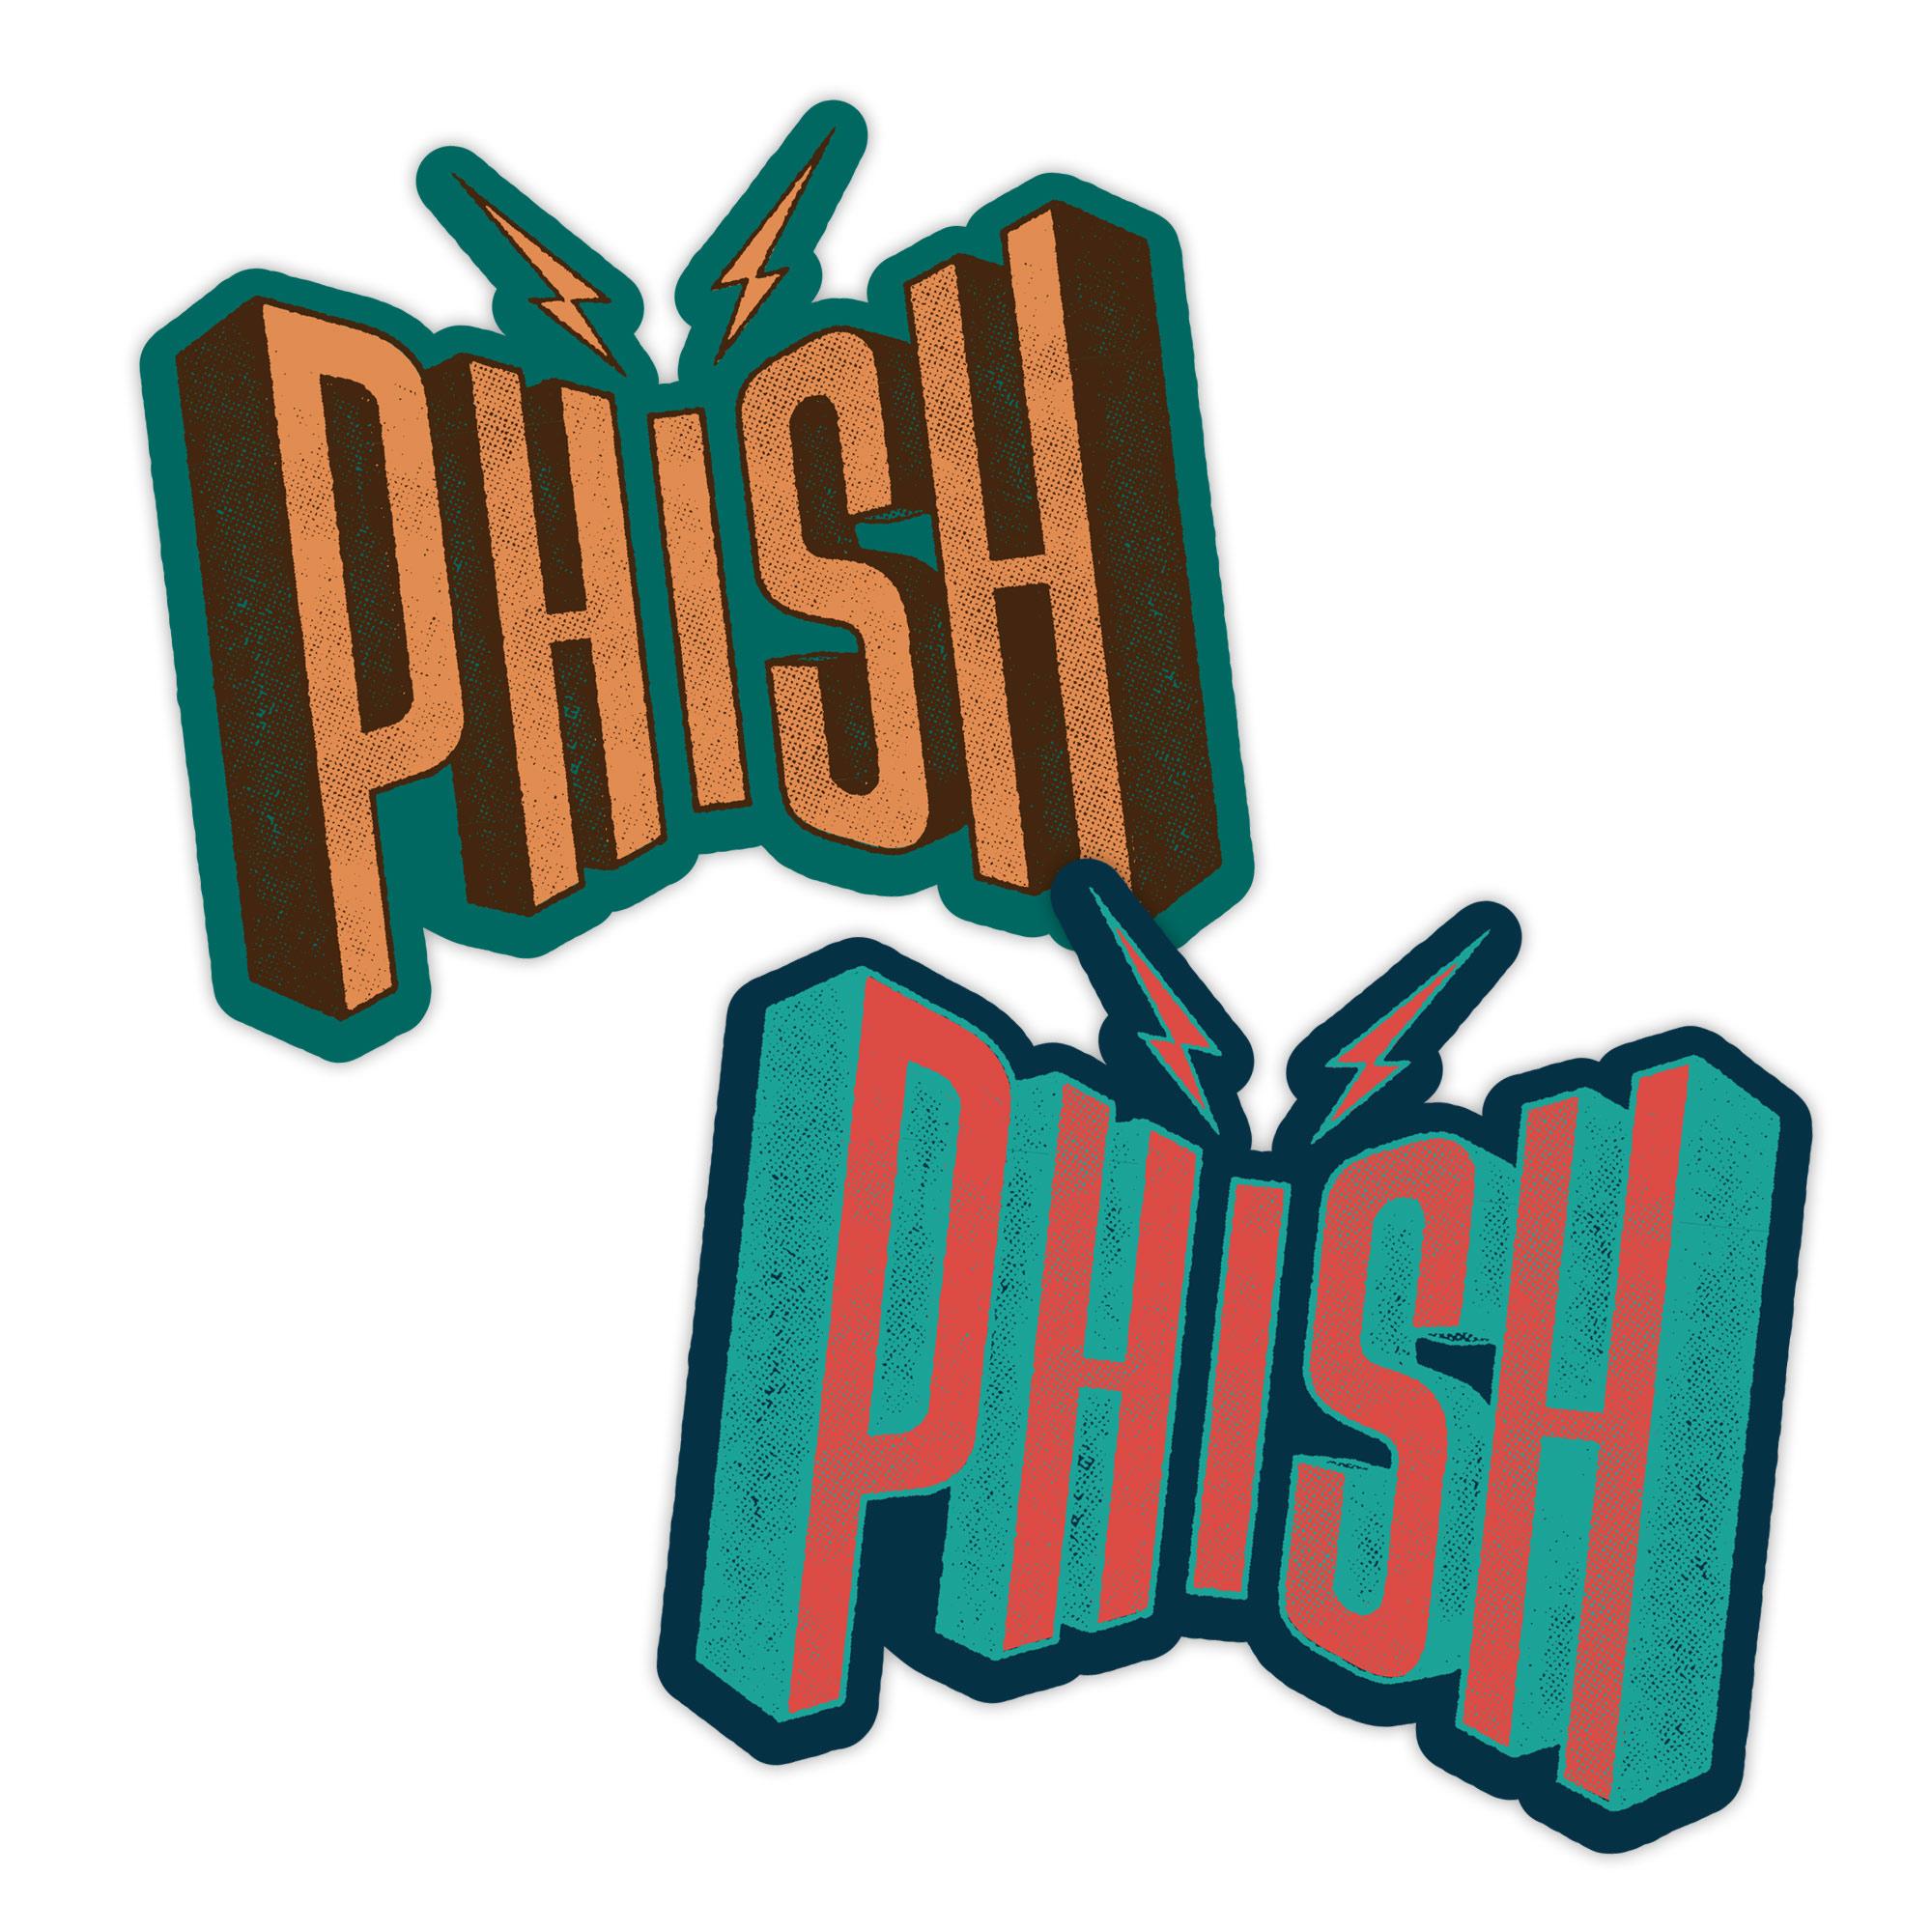 Phish Wattage Sticker